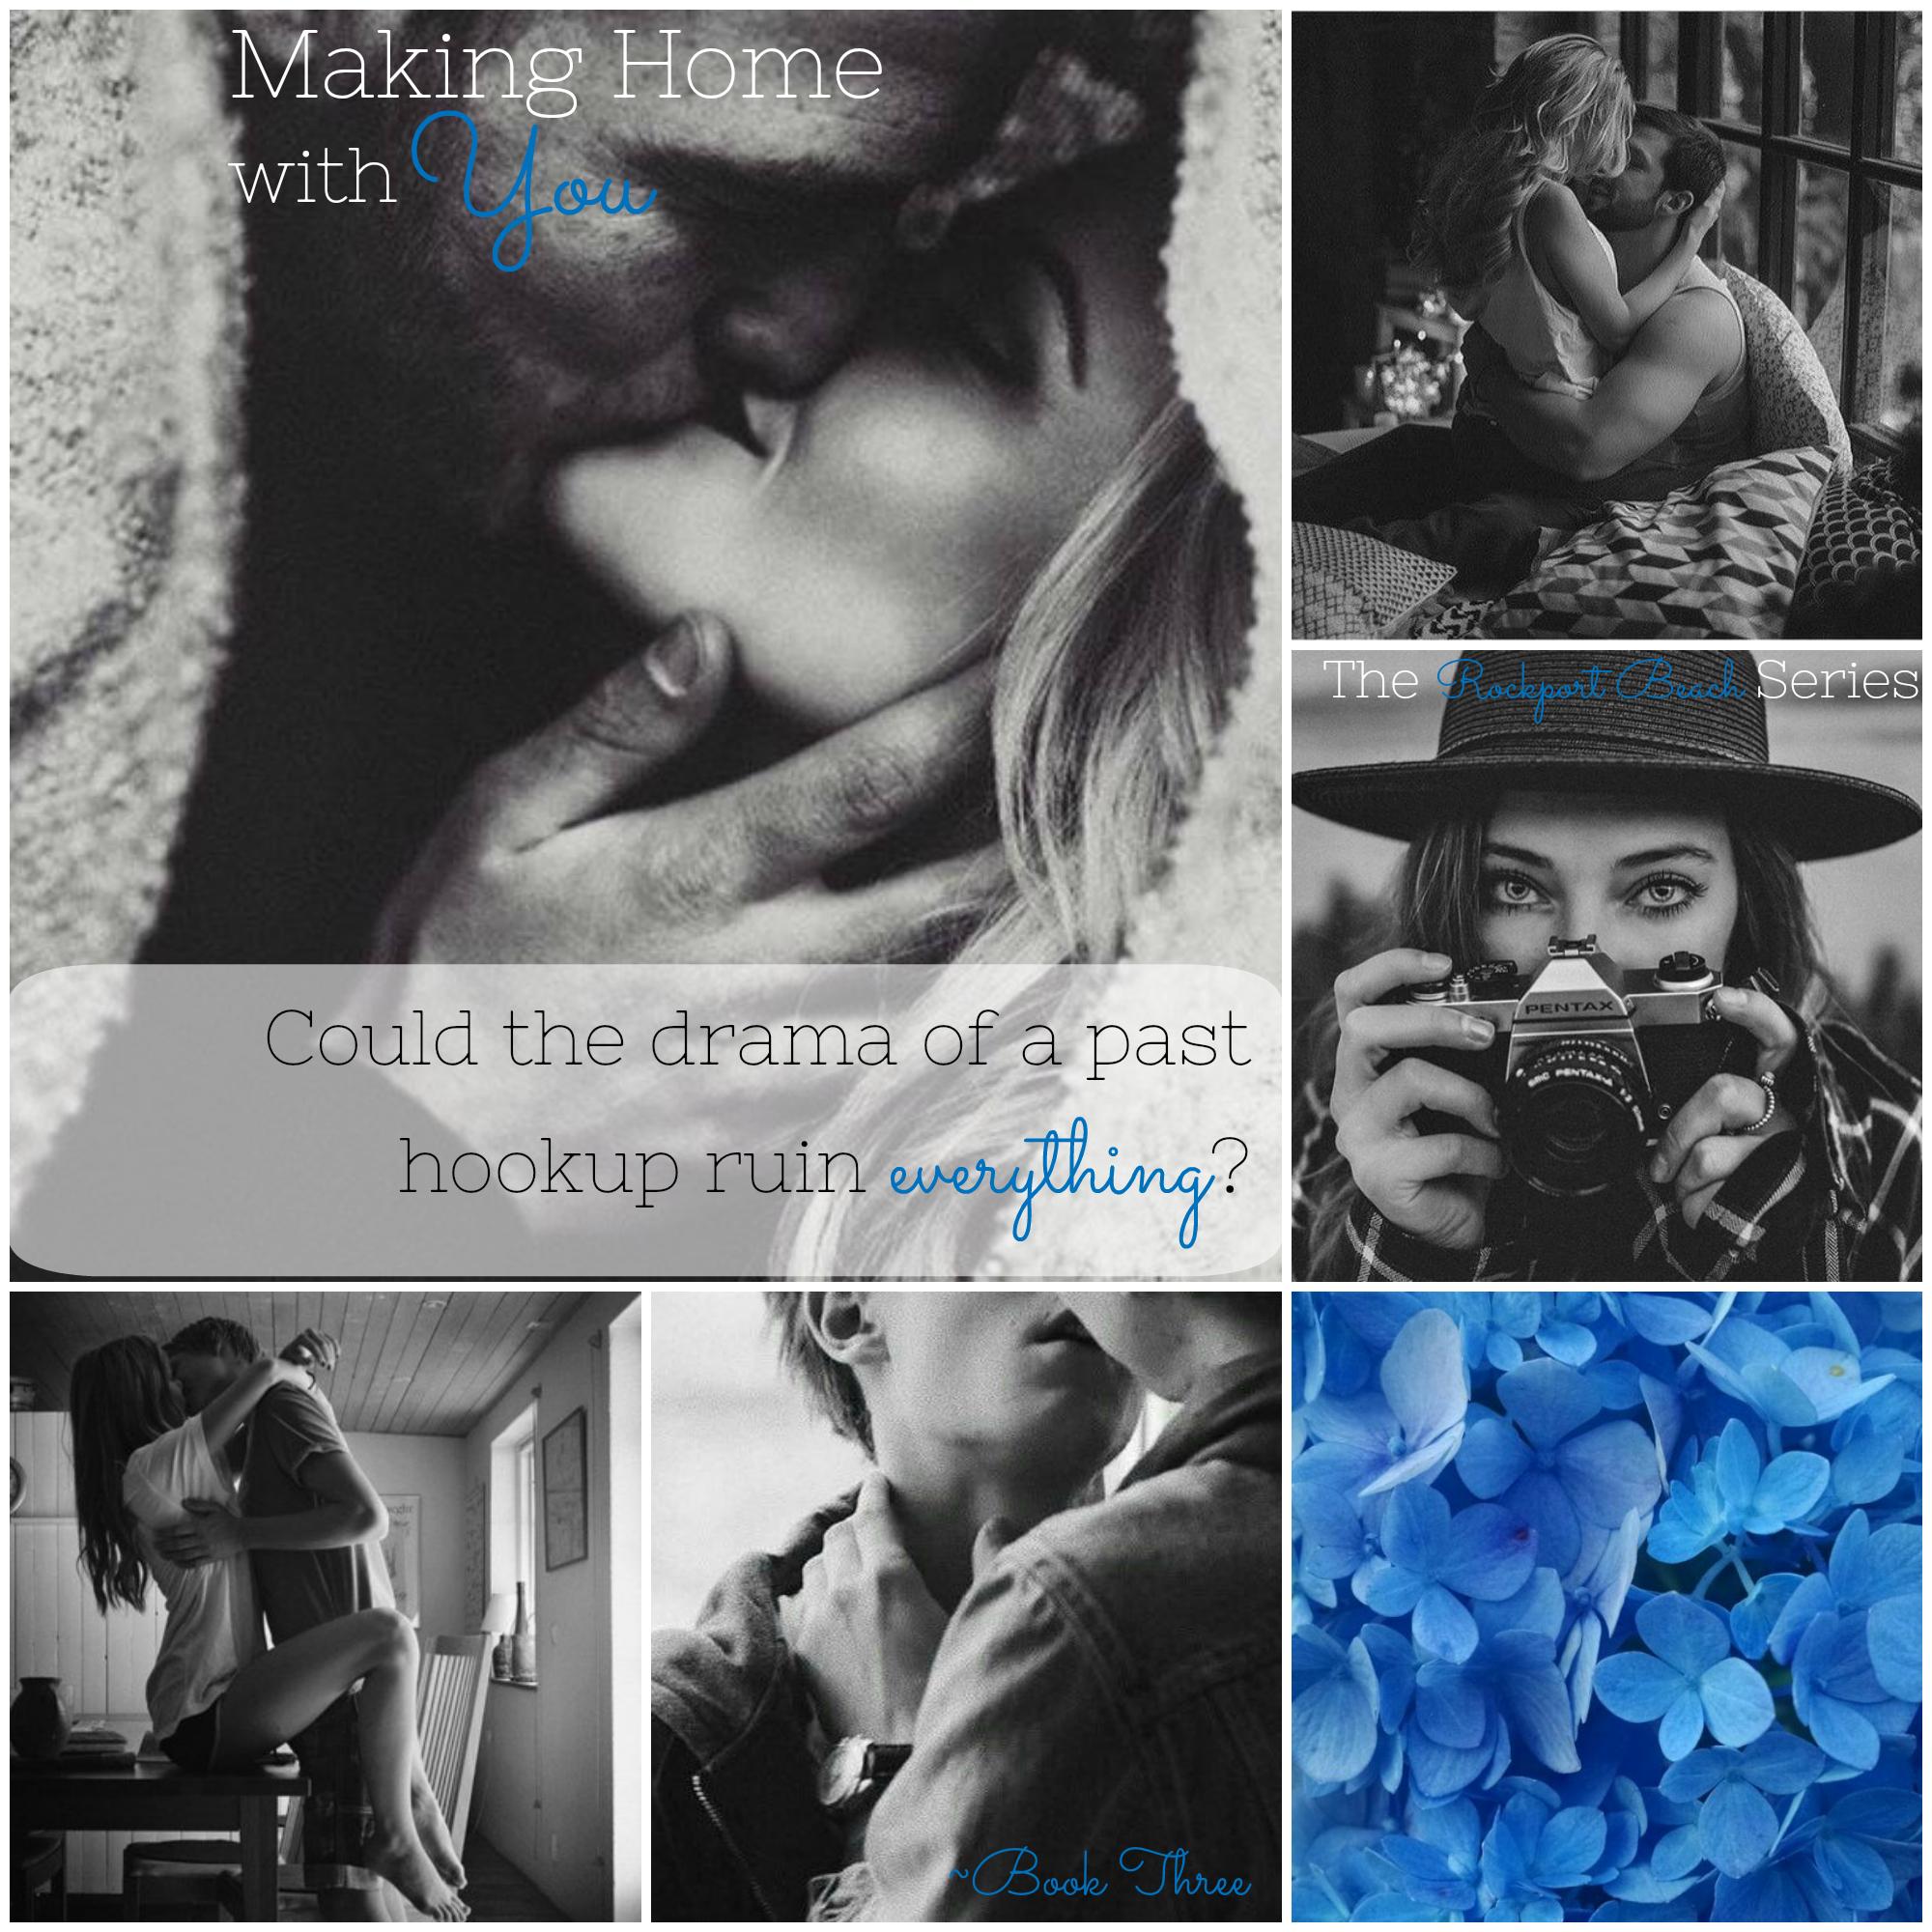 MHwY Collage 2.jpg